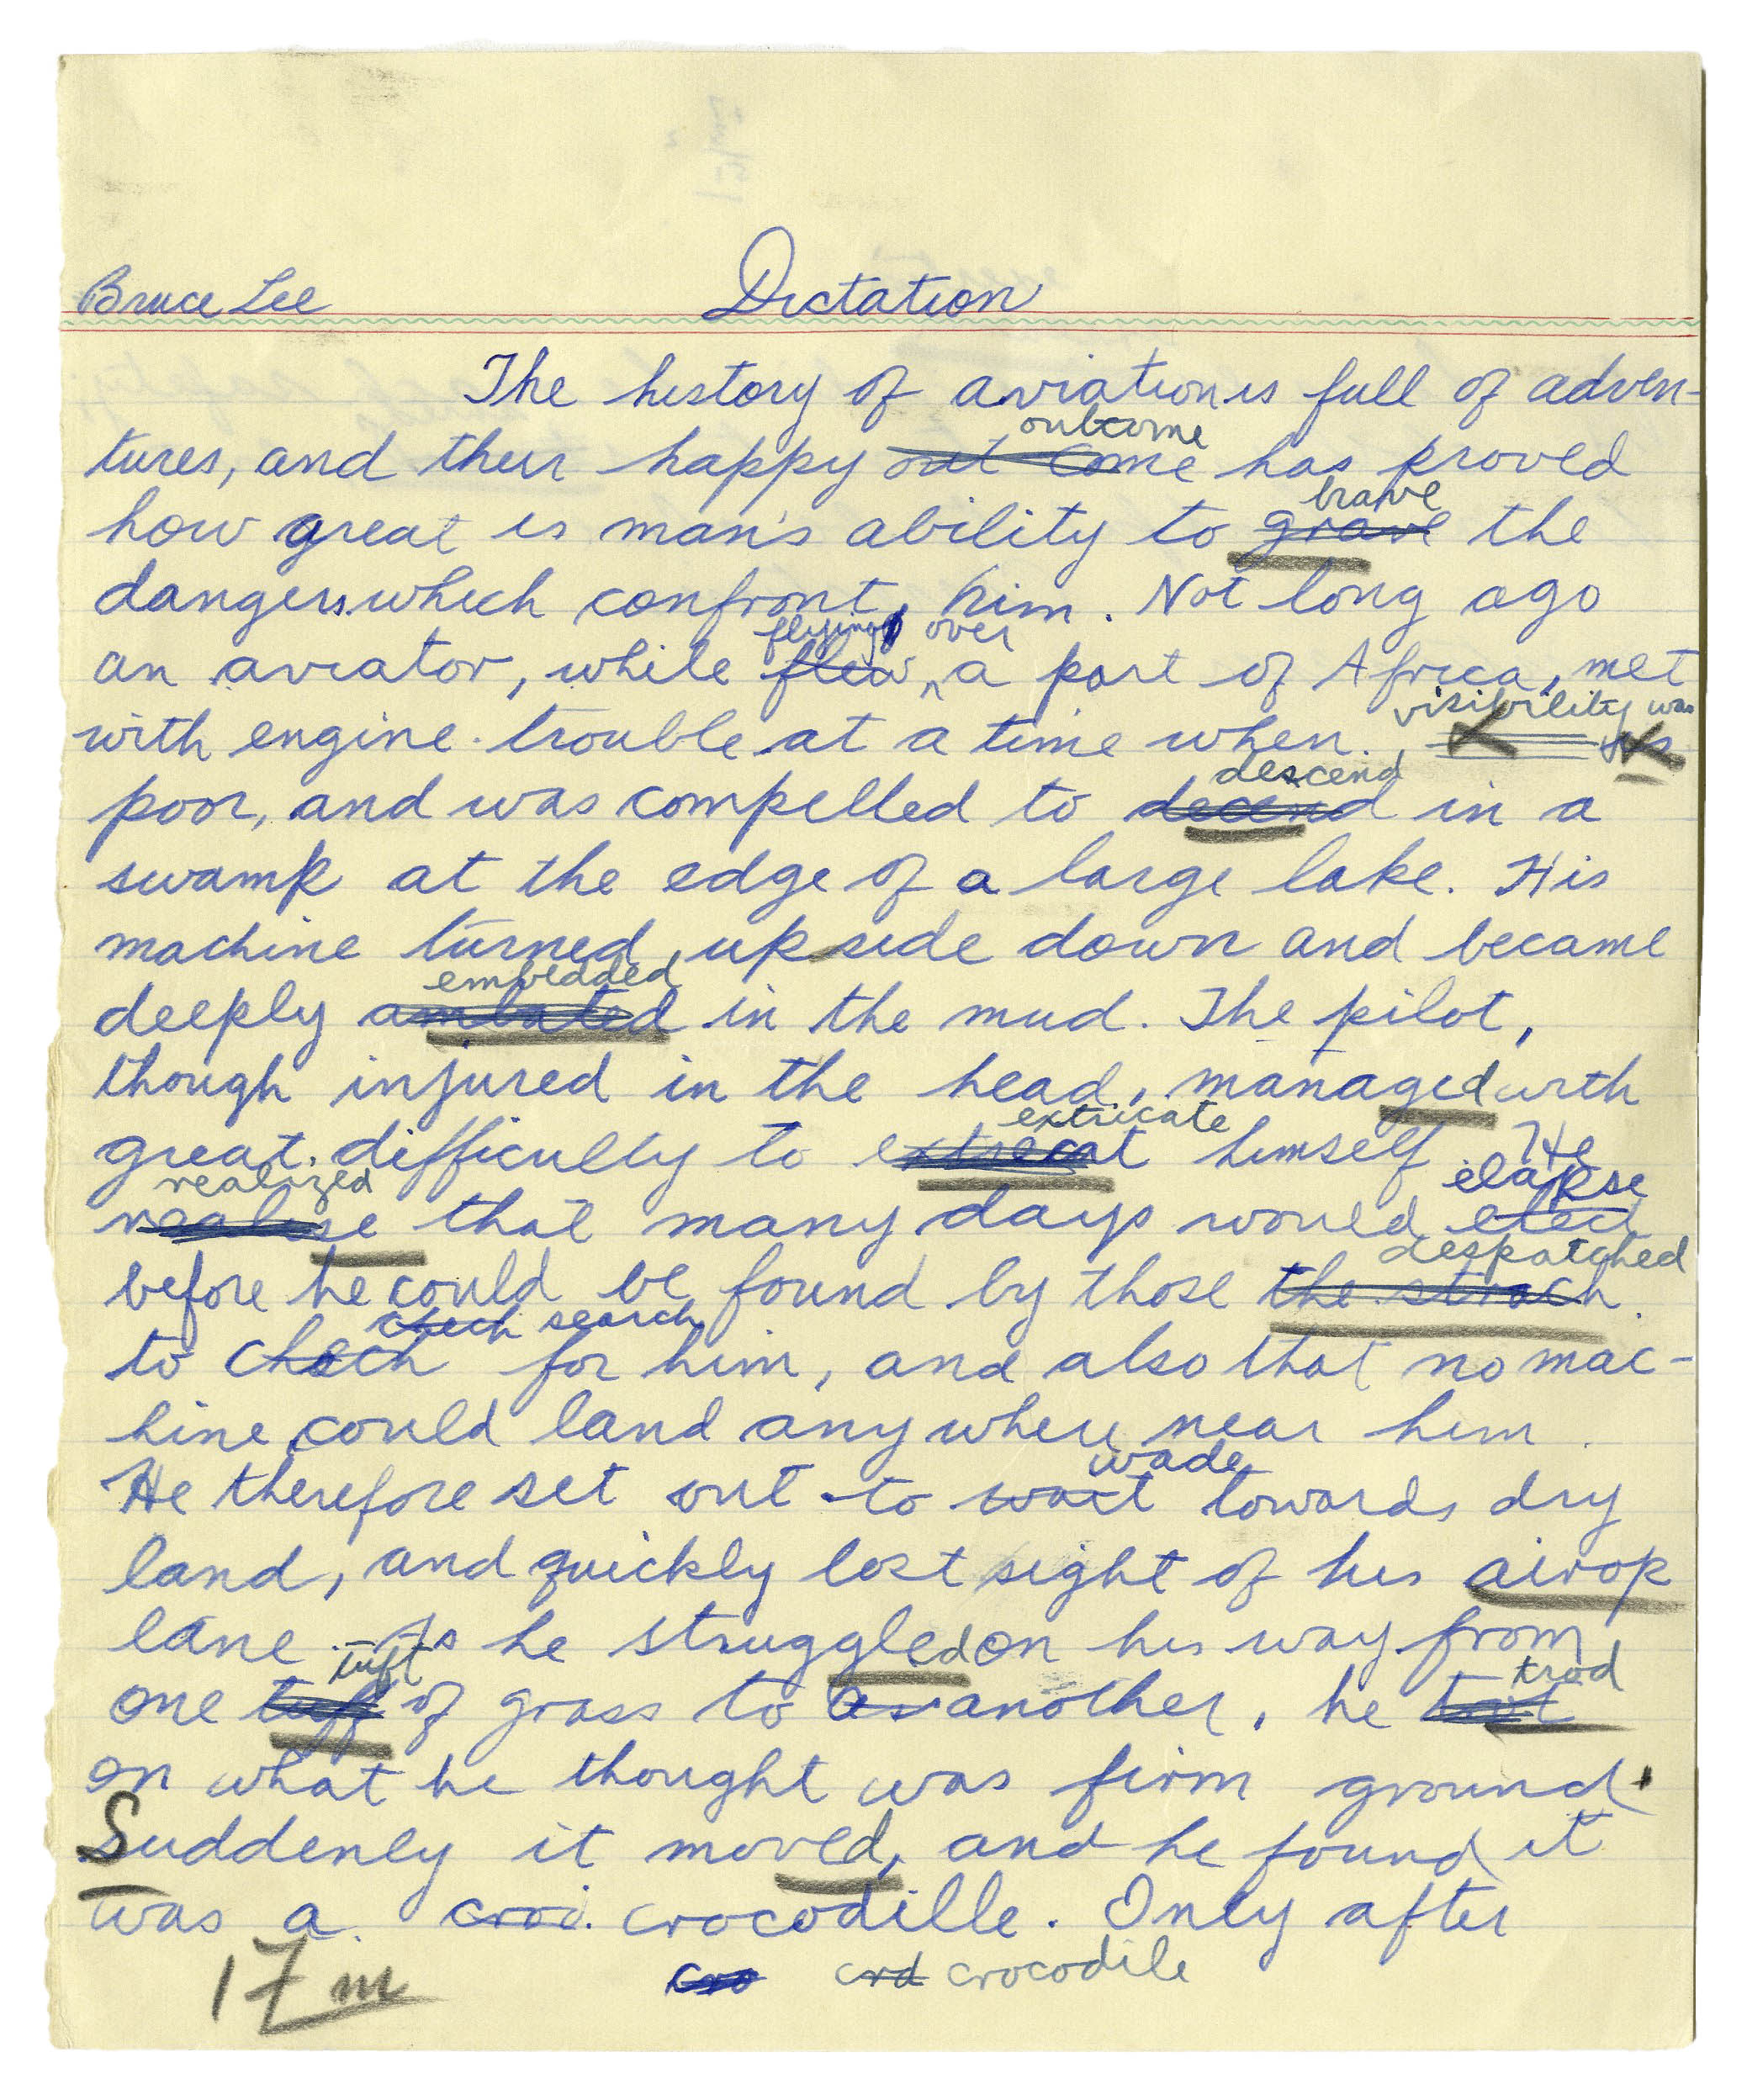 Frankenstein psychoanalysis essay